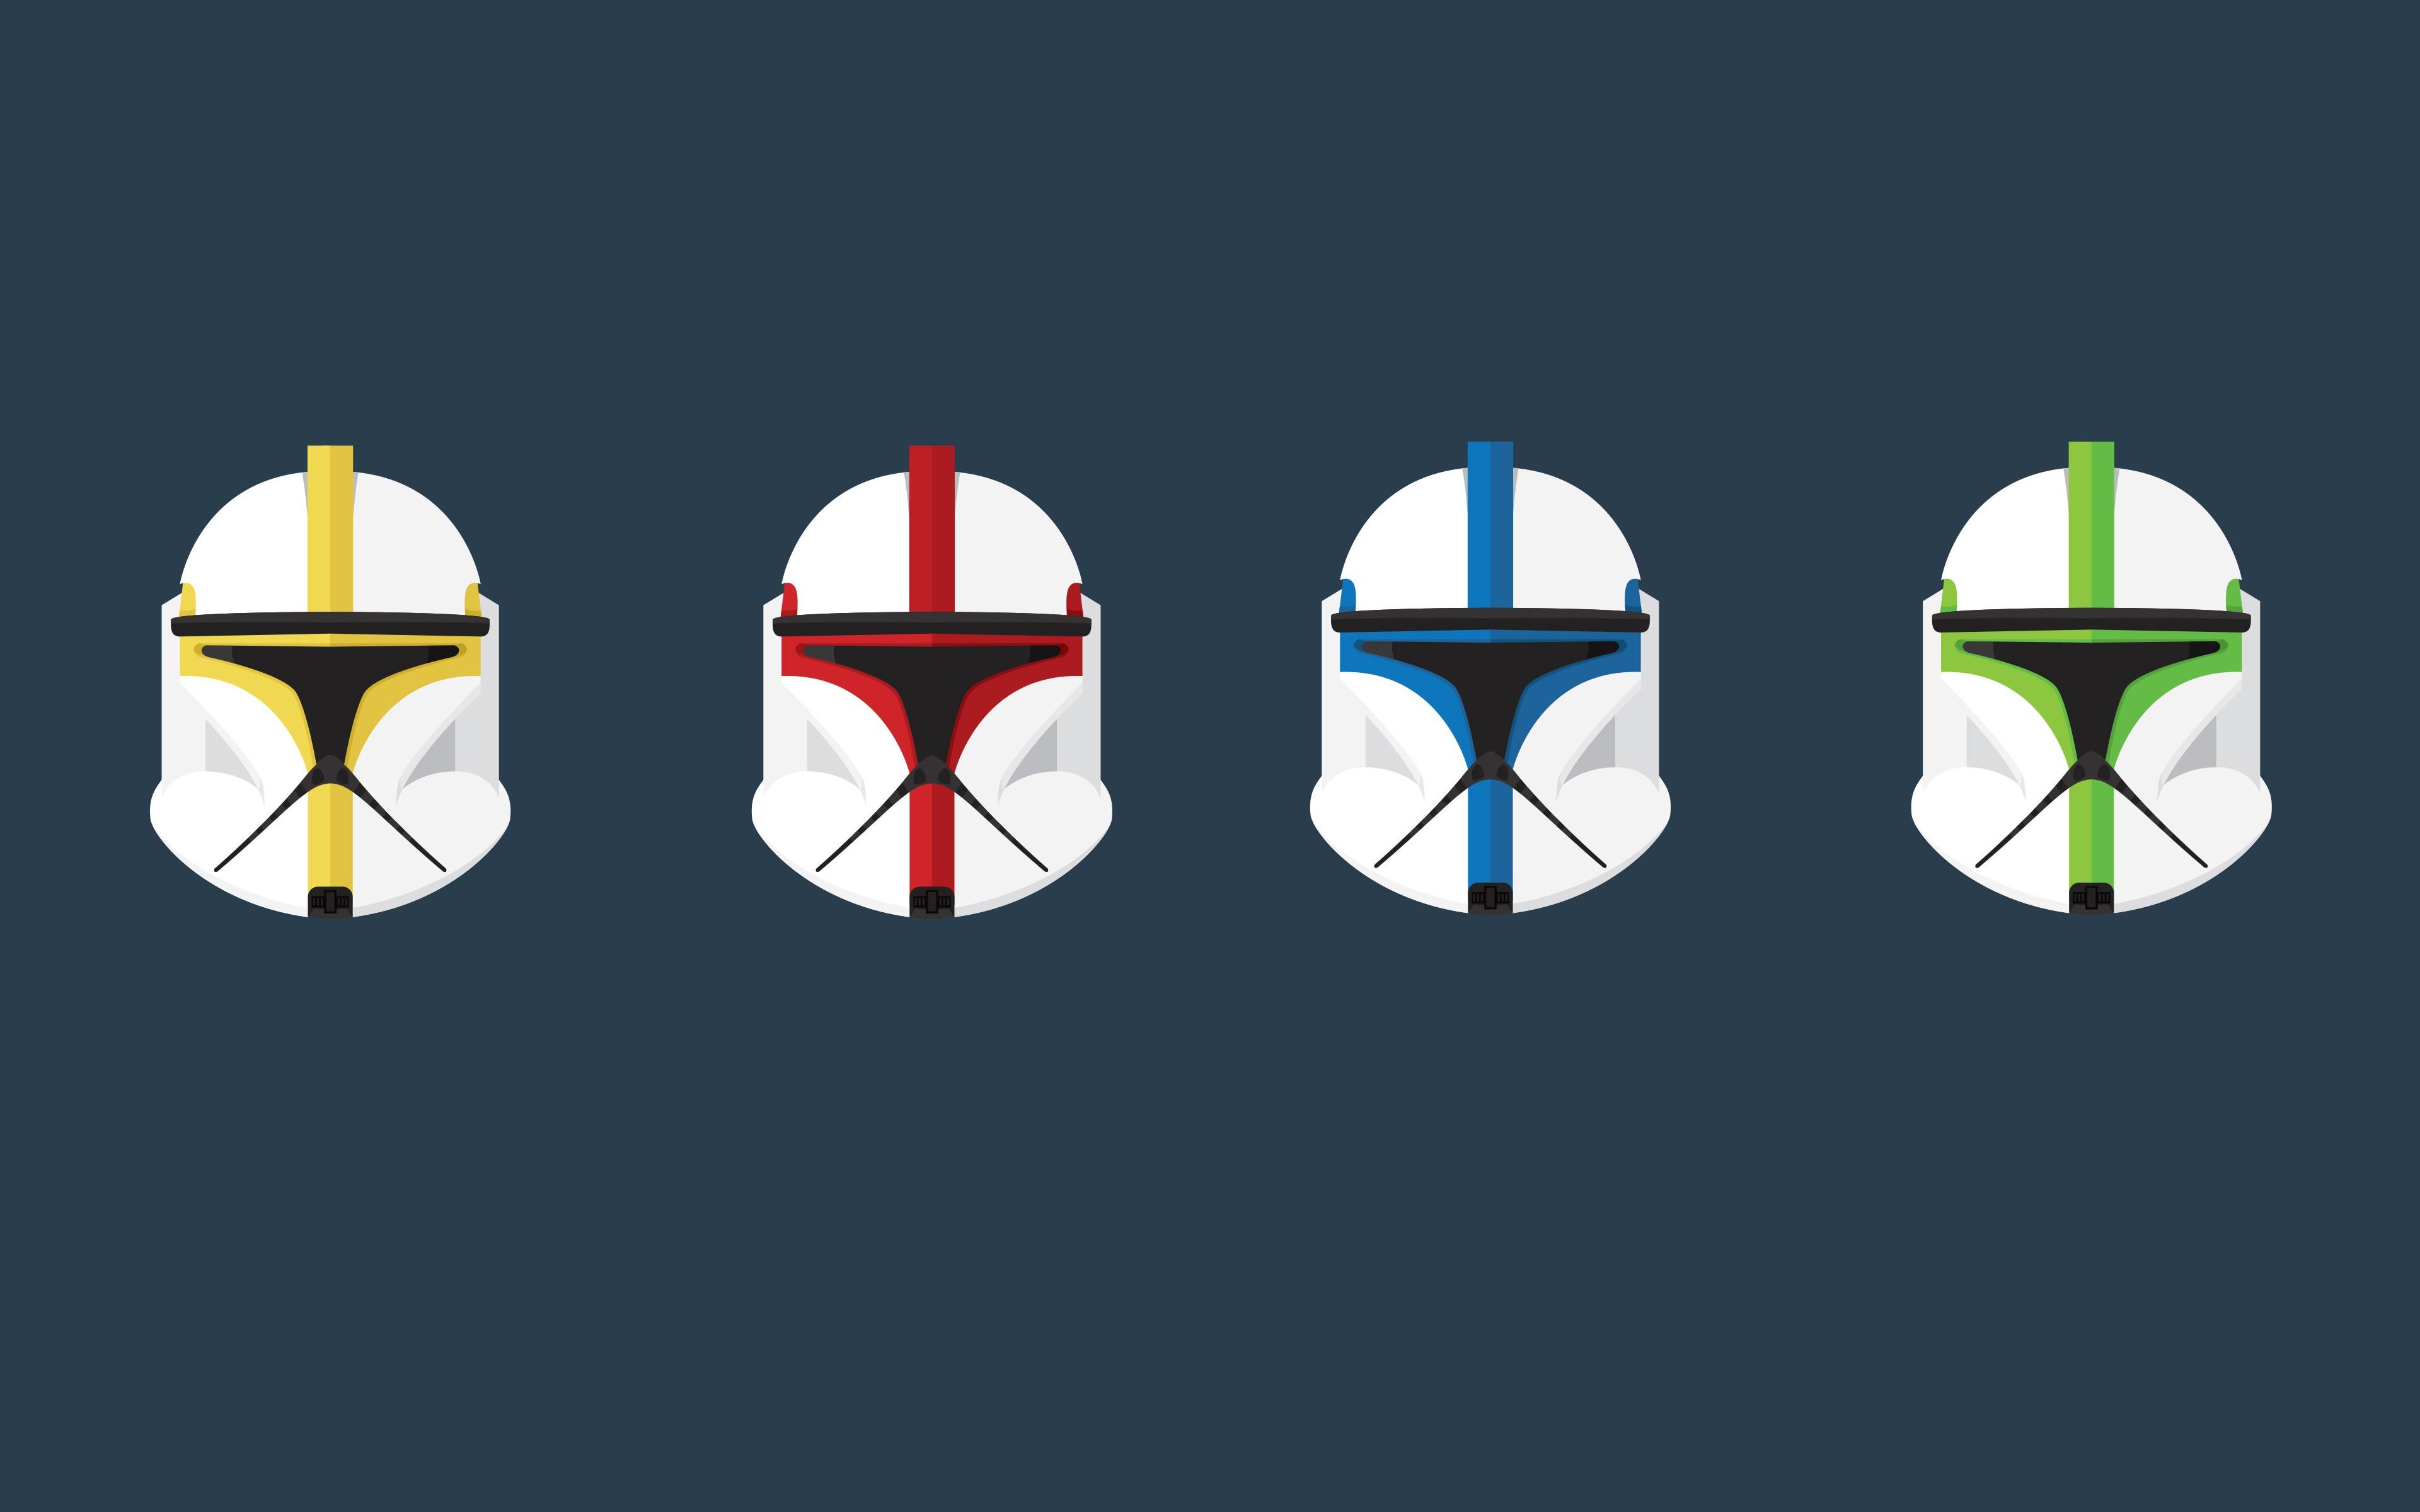 Wallpaper Star Wars Minimalism Logo Clone Trooper